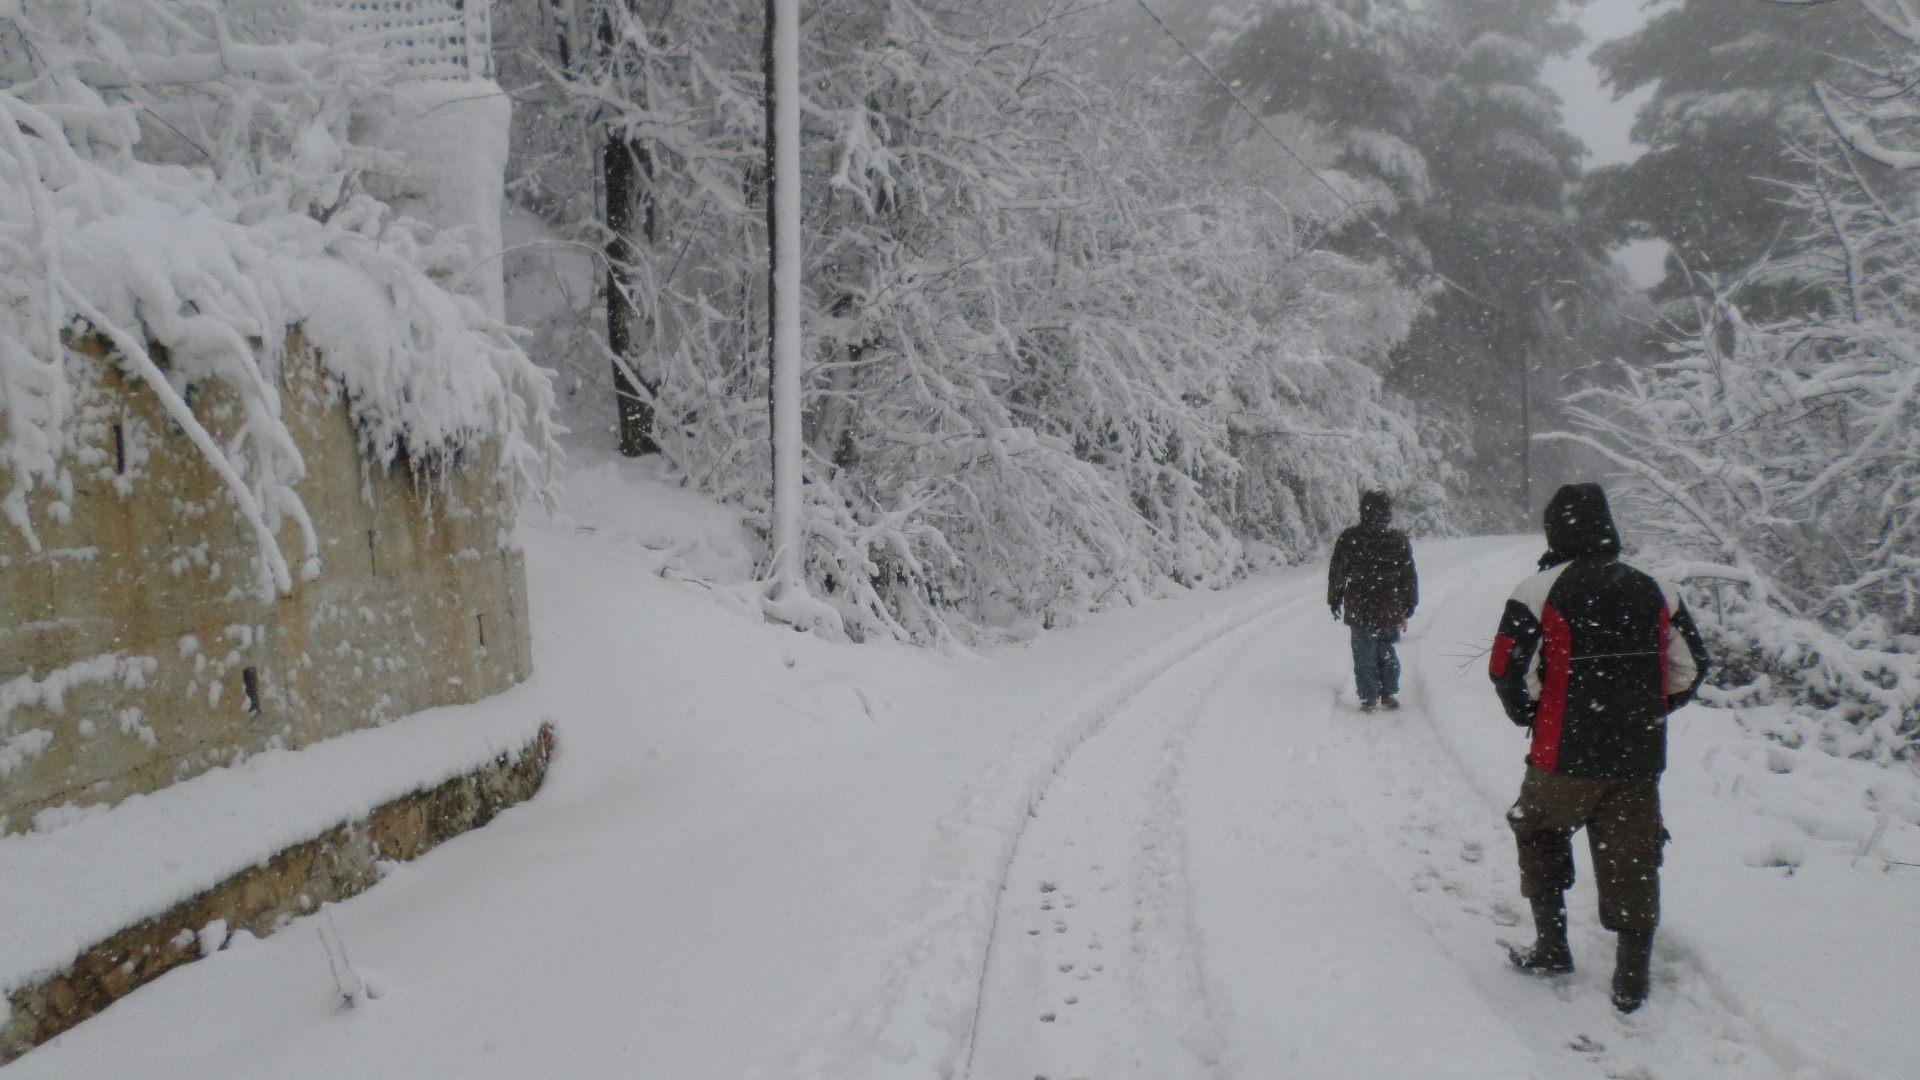 Αποτέλεσμα εικόνας για Σκόπελος χιόνια